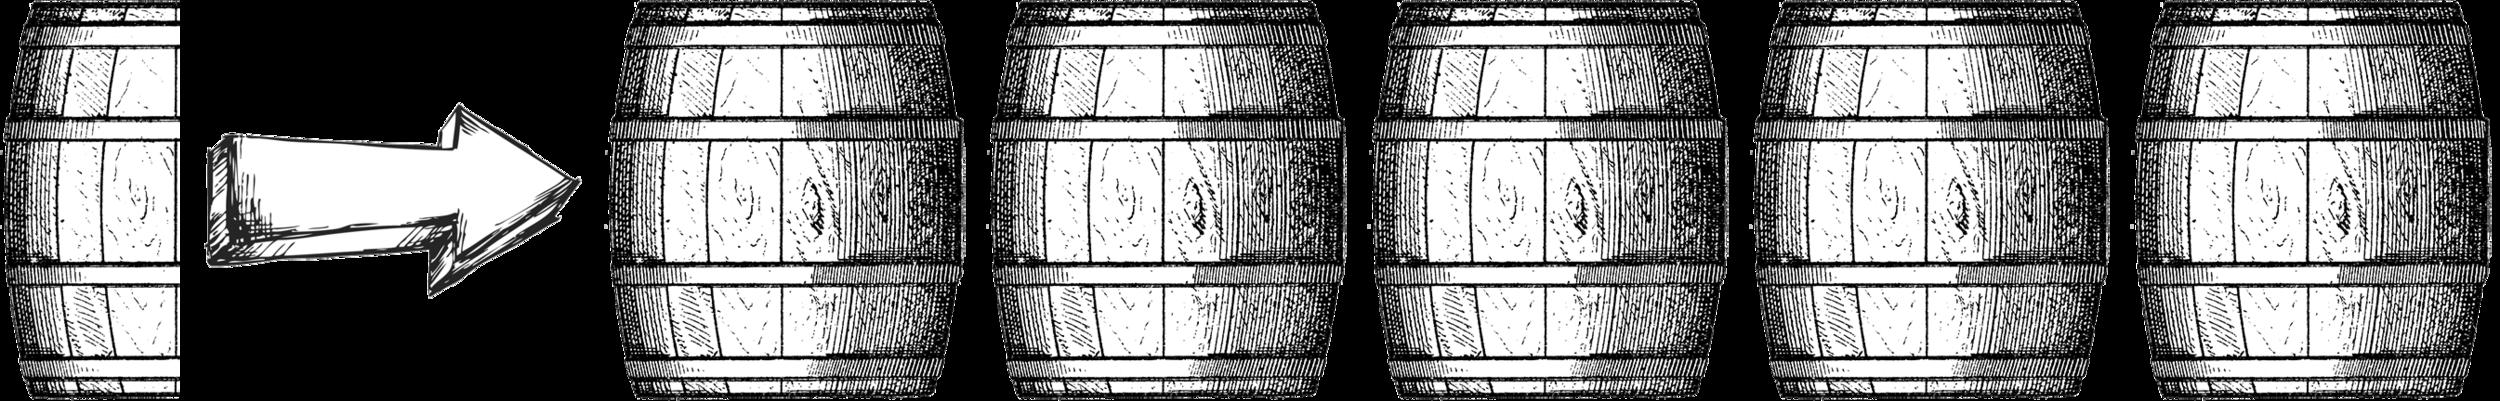 .5 barrel = Horrible;   1 barrel = Poor;   1.5 barrels = Decent;   2 barrels = Solid;   2.5 barrels = Good;   3 barrels = Very Good;   3.5 barrels = Excellent;   4barrels = Outstanding;   4.5 barrels = Superb;   5 barrels = Legendary